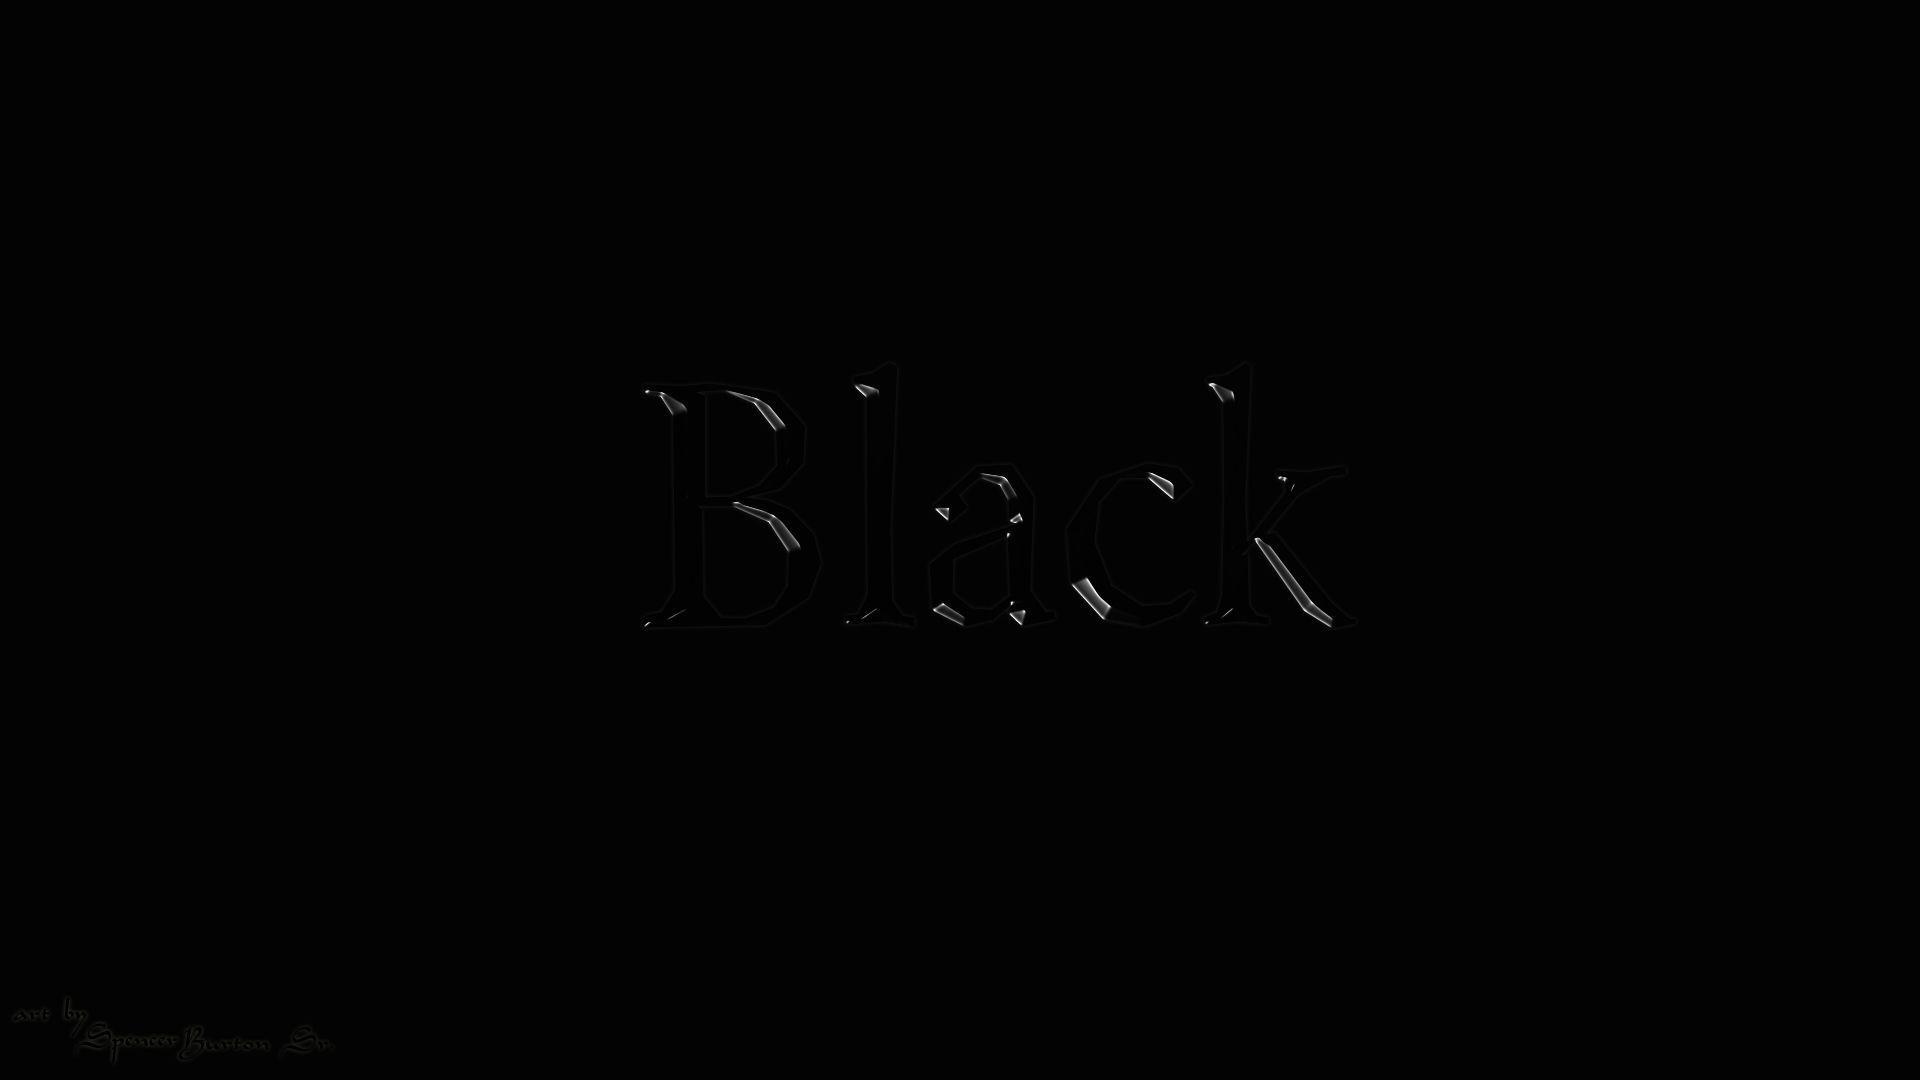 Hình nền đen chữ Black